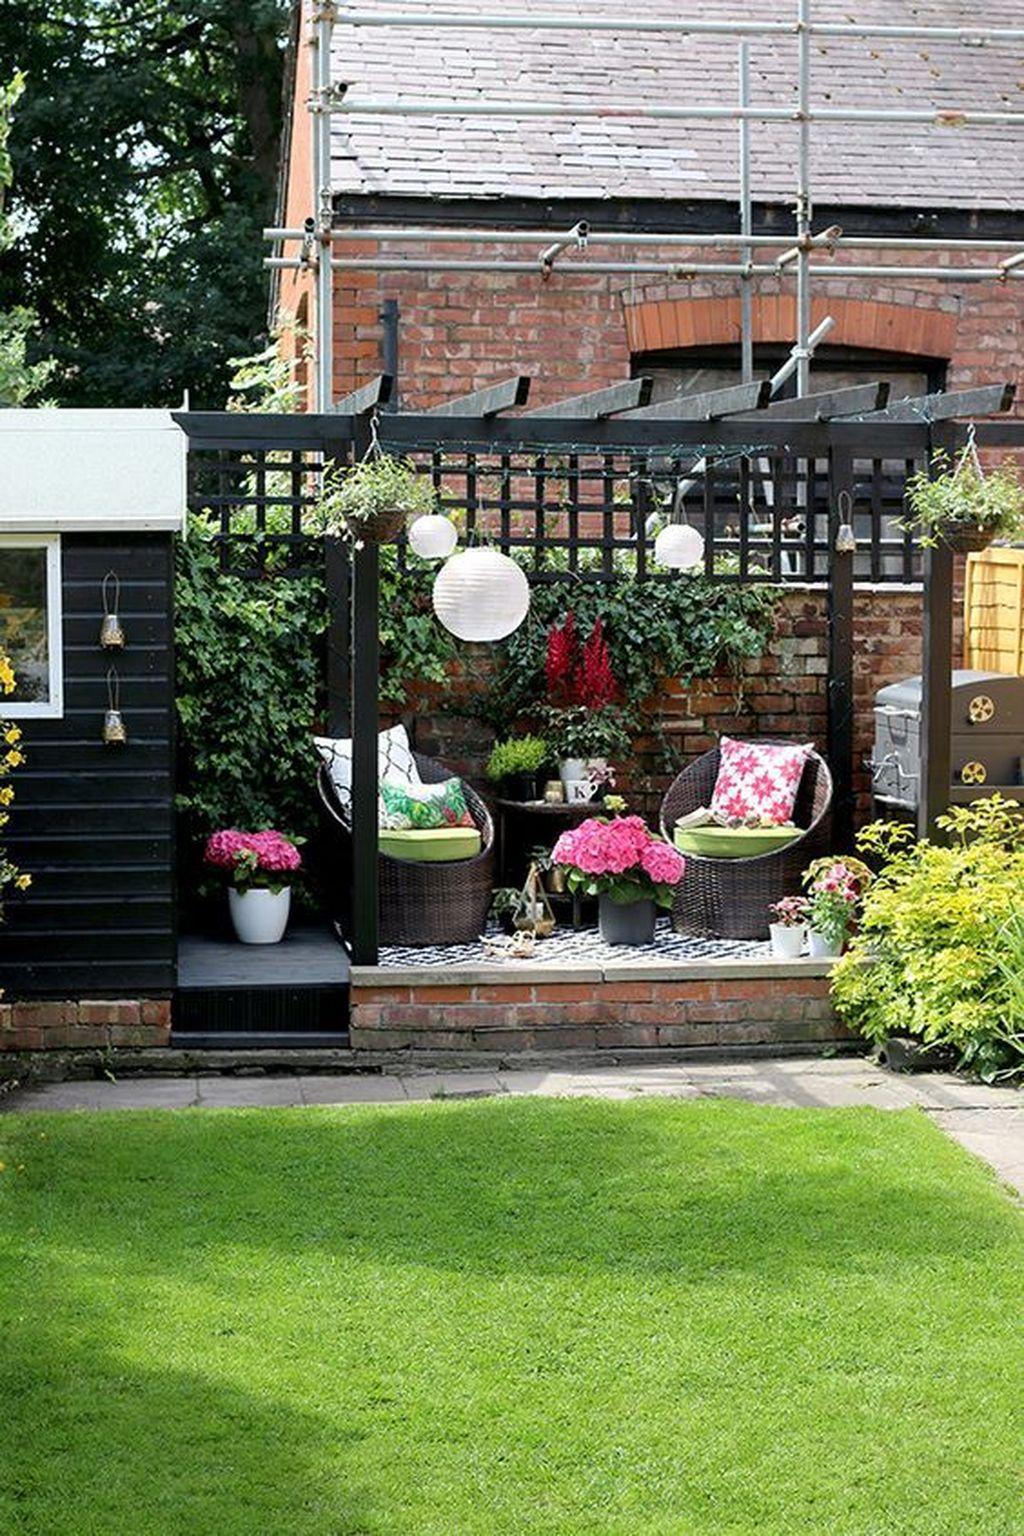 Inspiring Pergola Patio Design Ideas For Your Backyard Decor 32